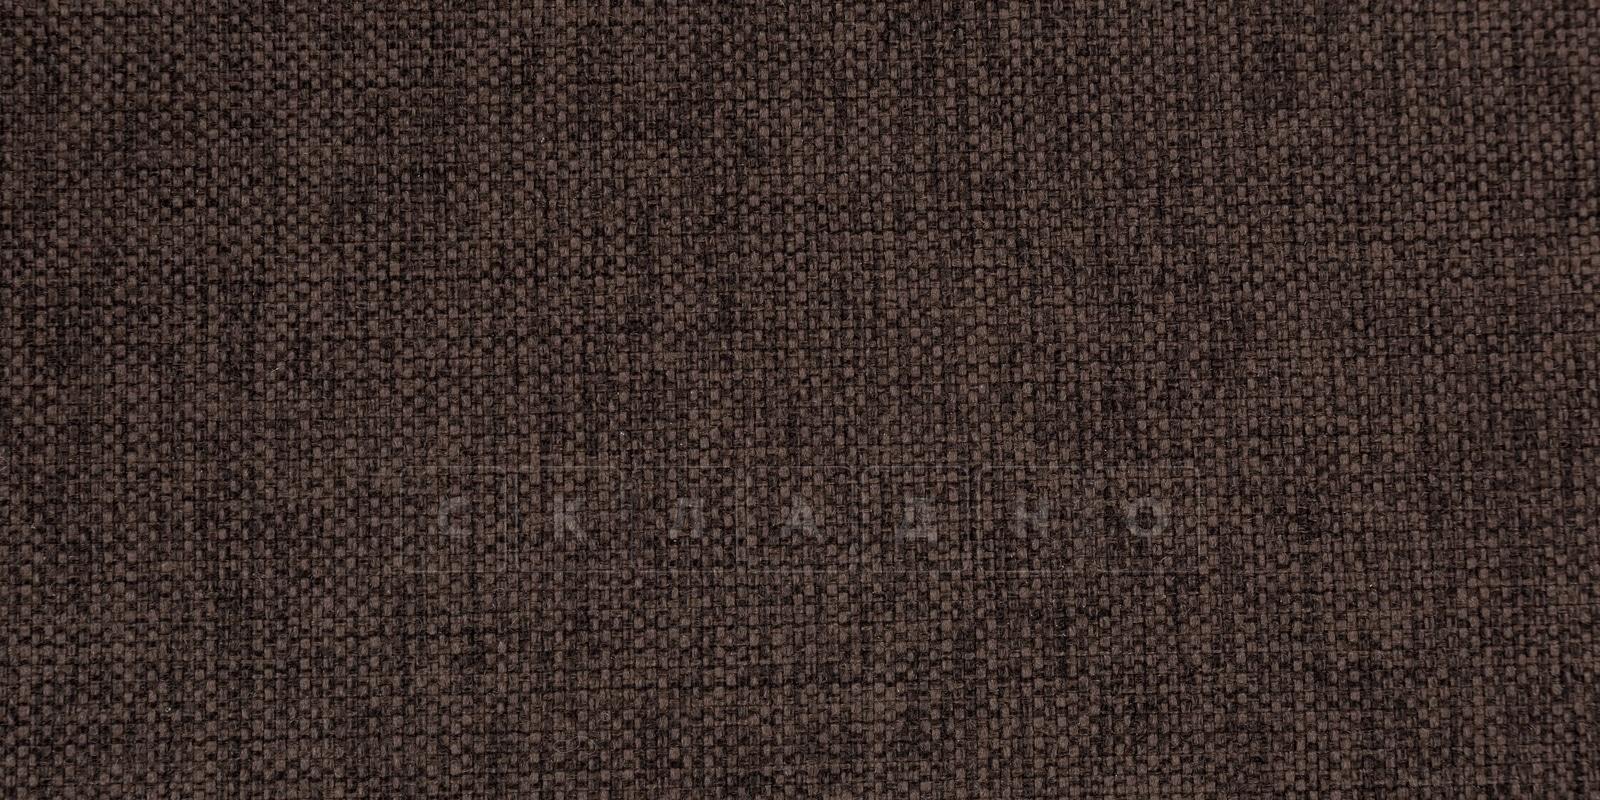 Кресло Амстердам коричневого цвета фото 7 | интернет-магазин Складно